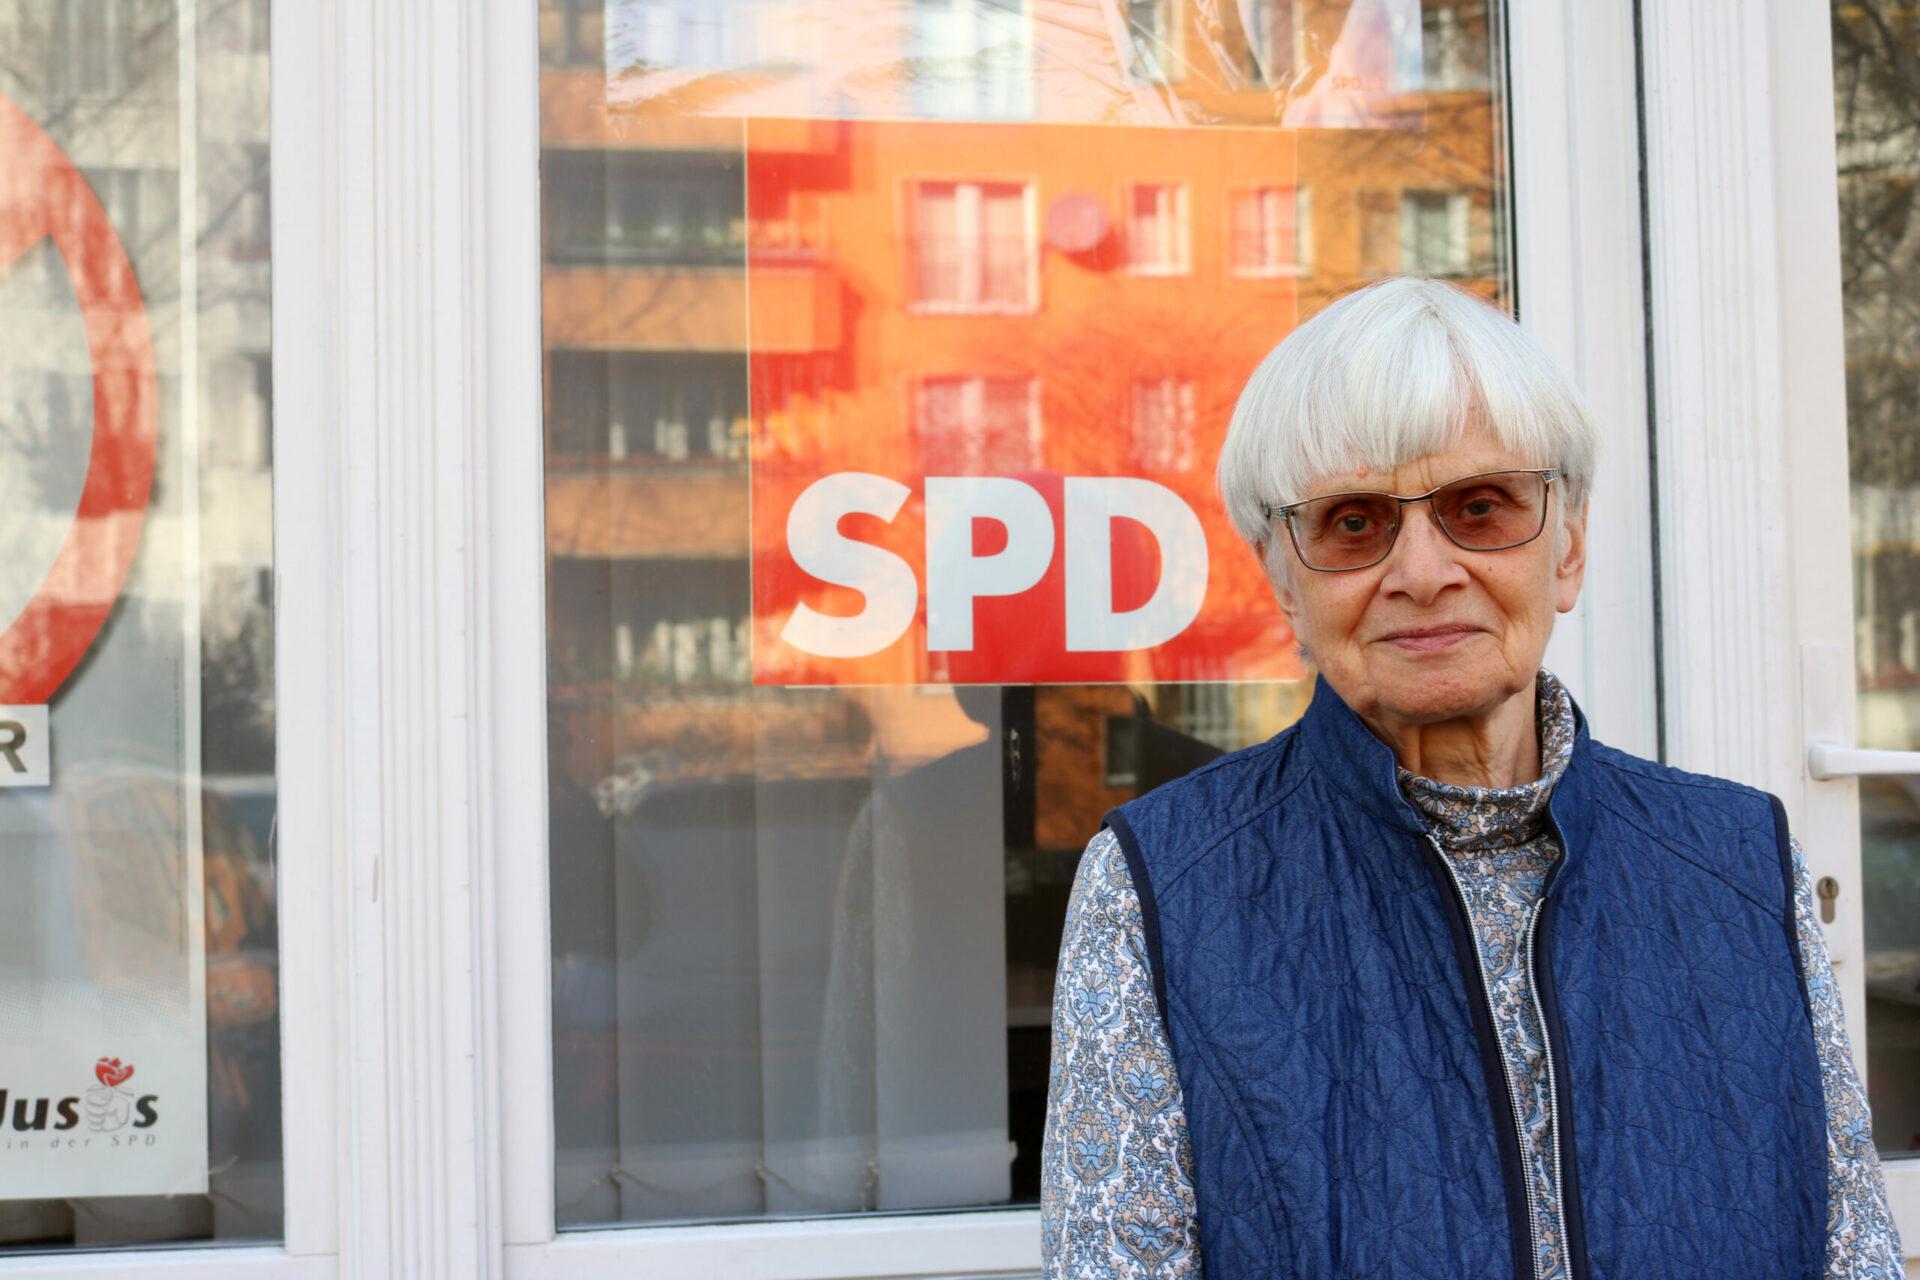 Susanne Pape